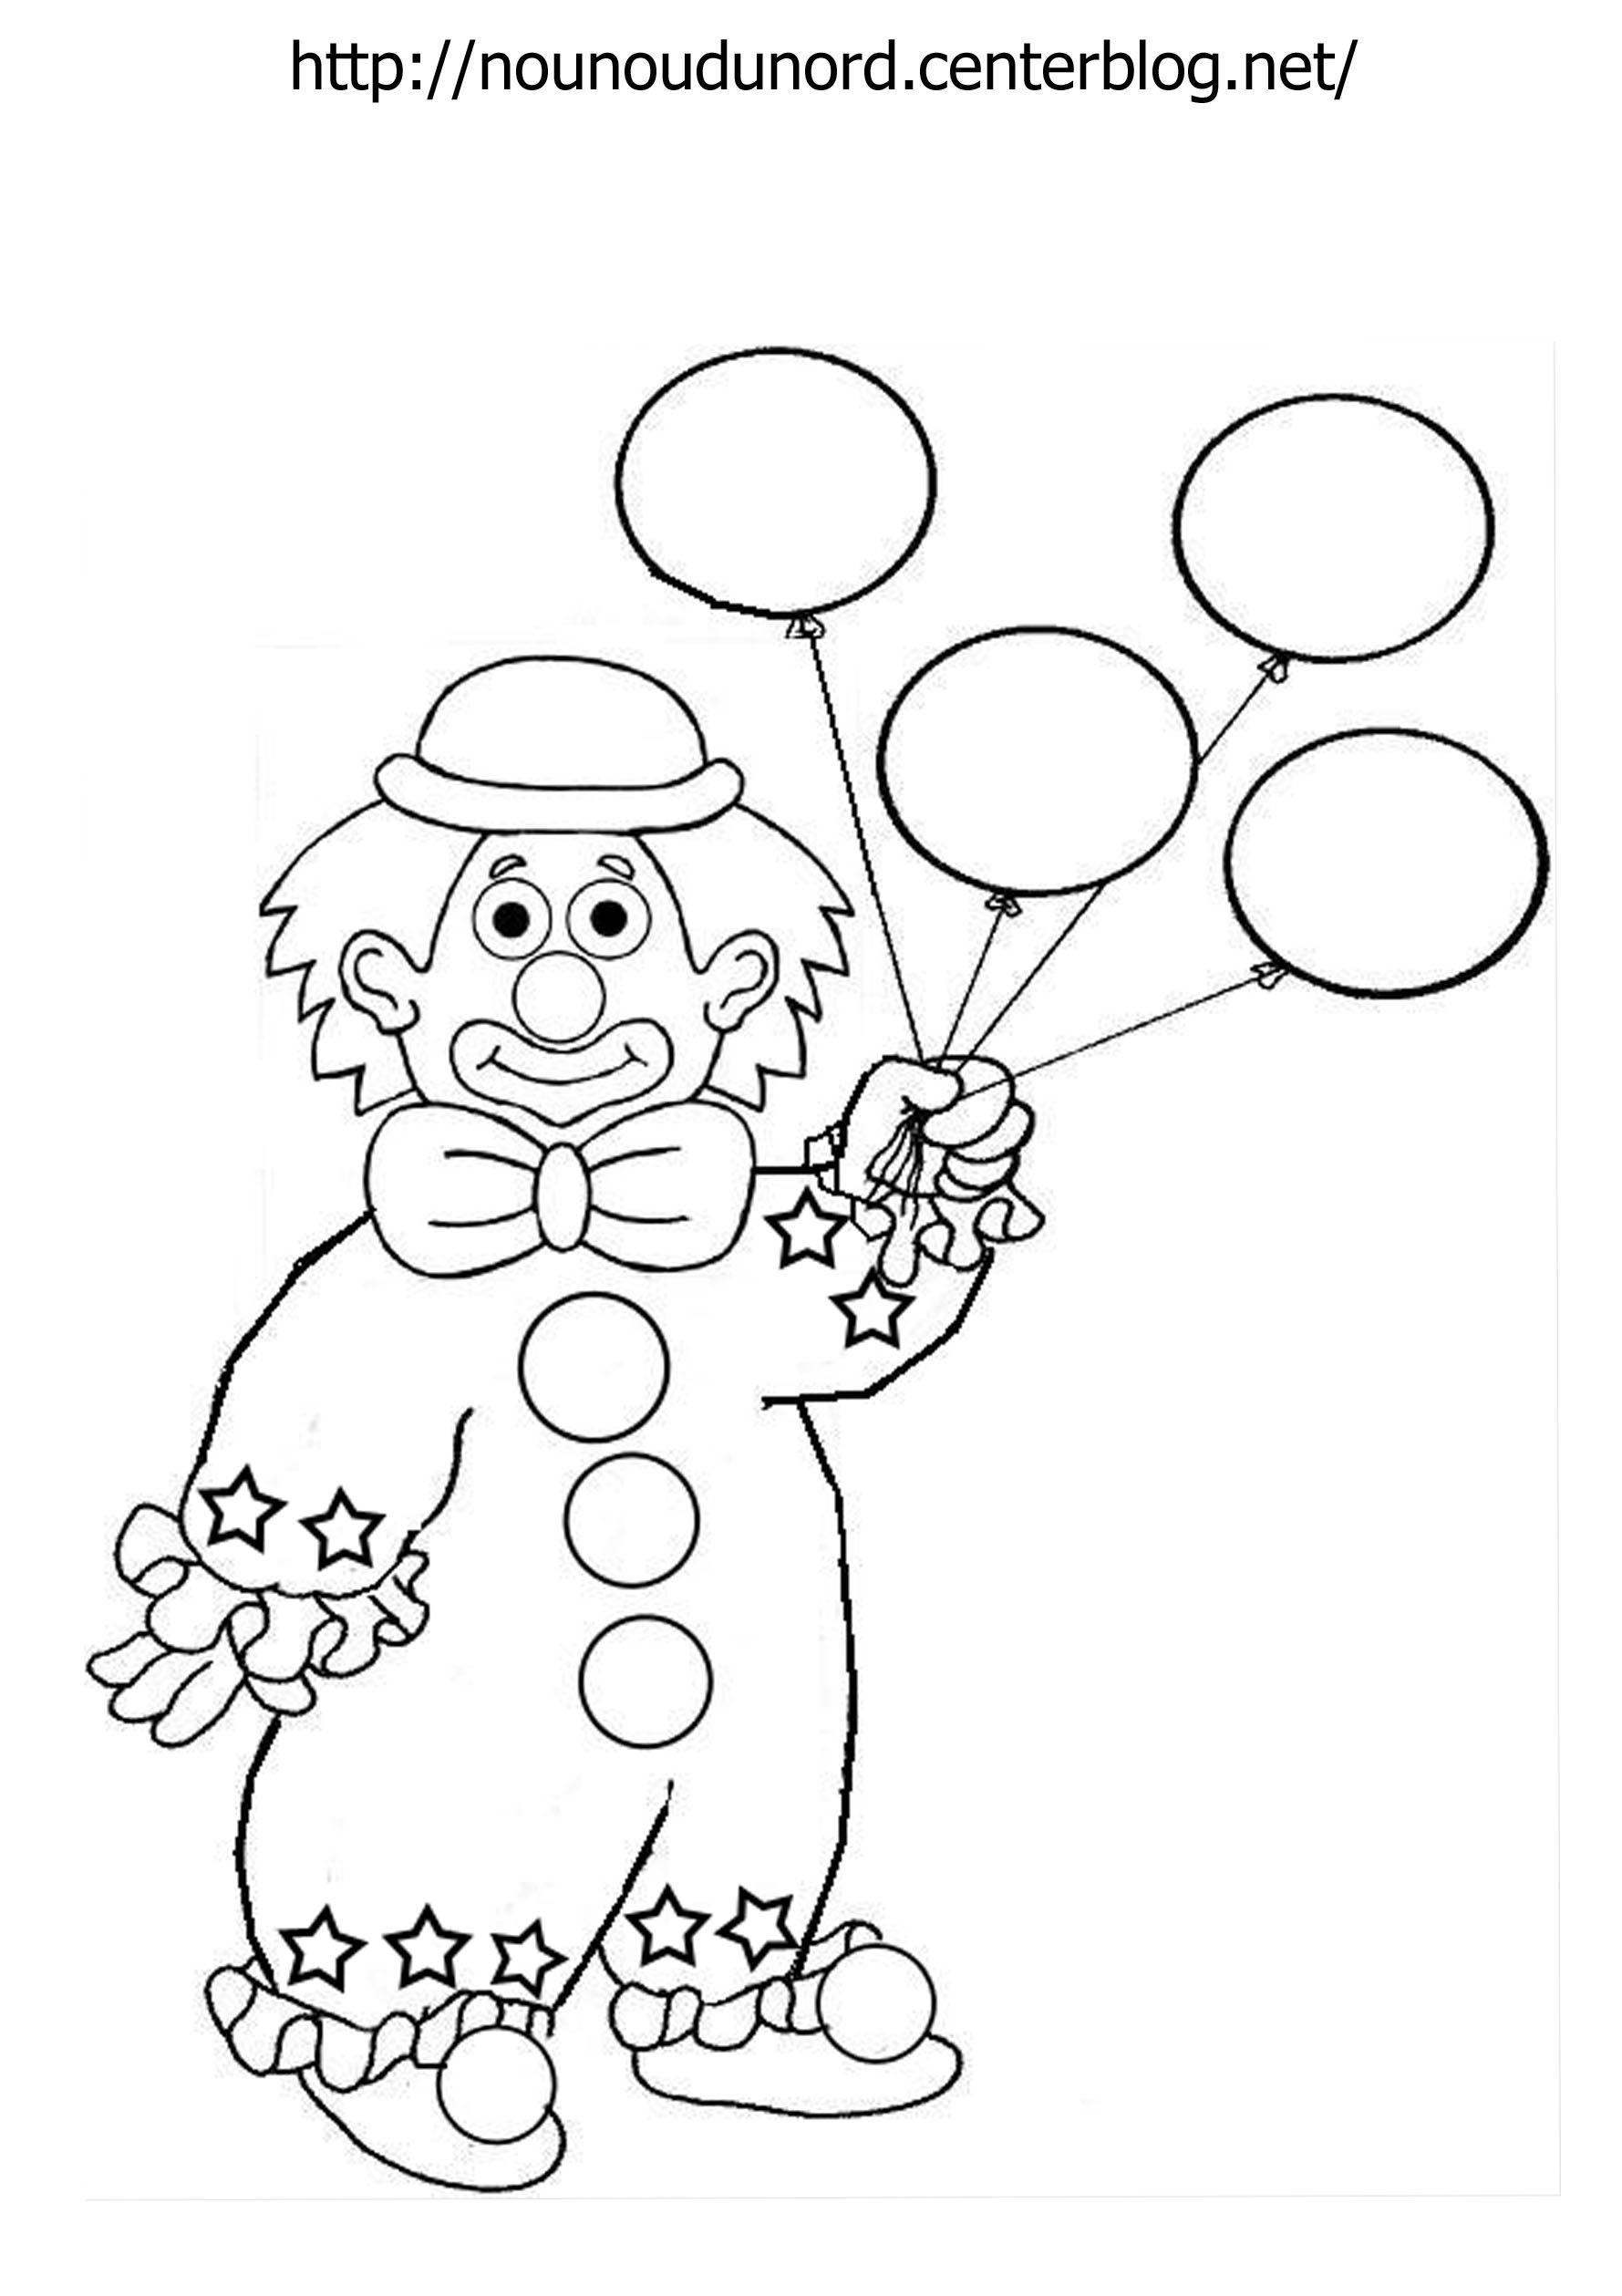 Coloriage clown ballon dessin par nounoudunord - Coloriages clown ...